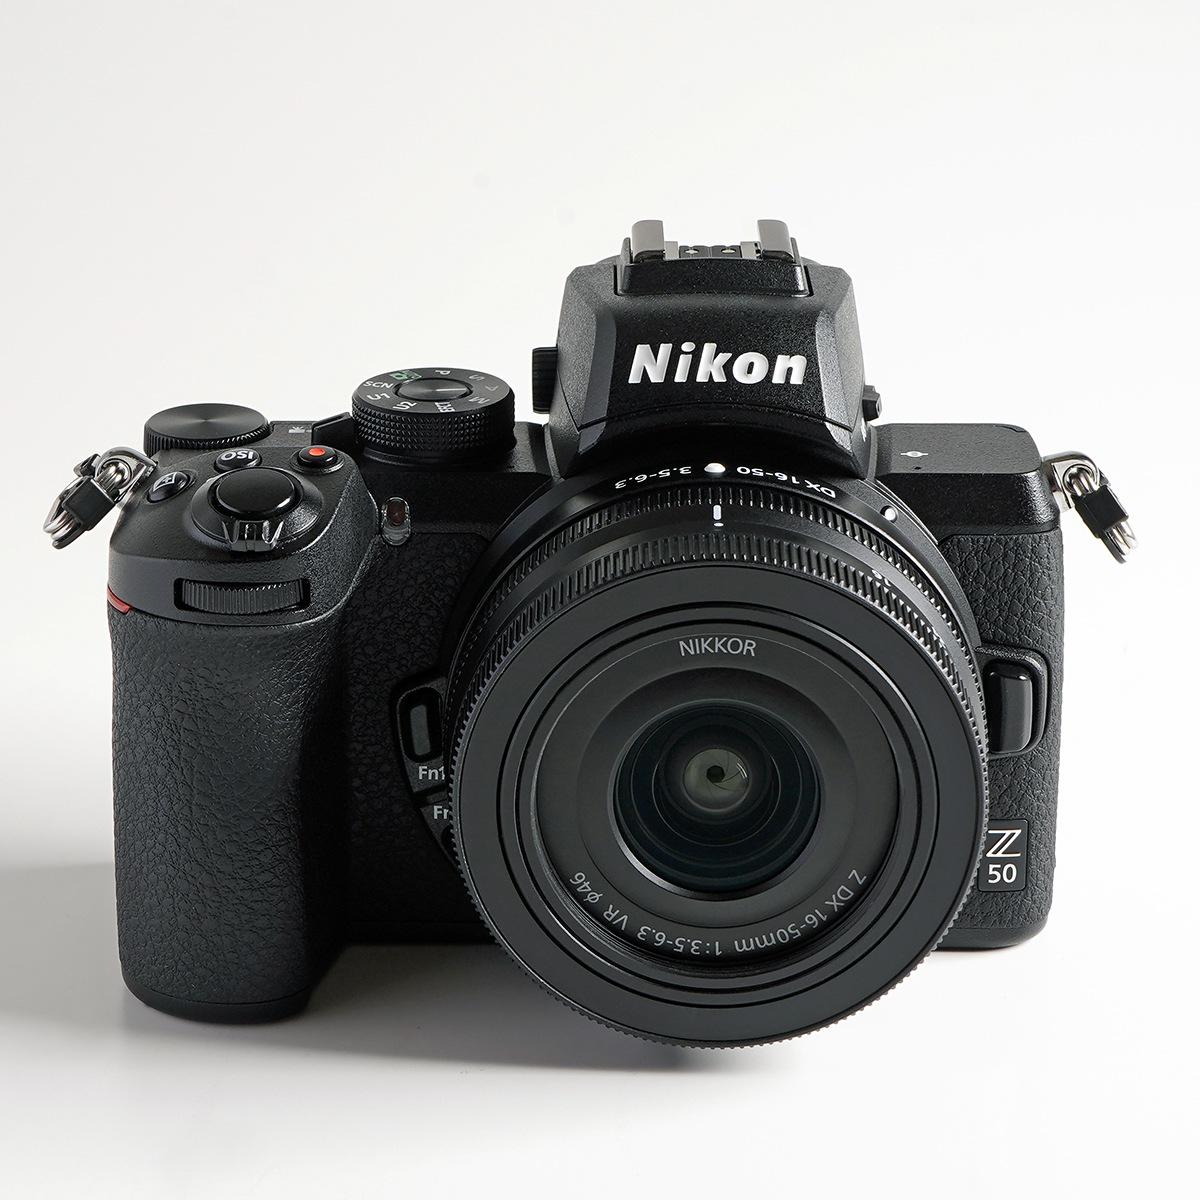 ニコン初のAPS-Cミラーレス「Z 50」誕生! 実写作例をいち早く掲載